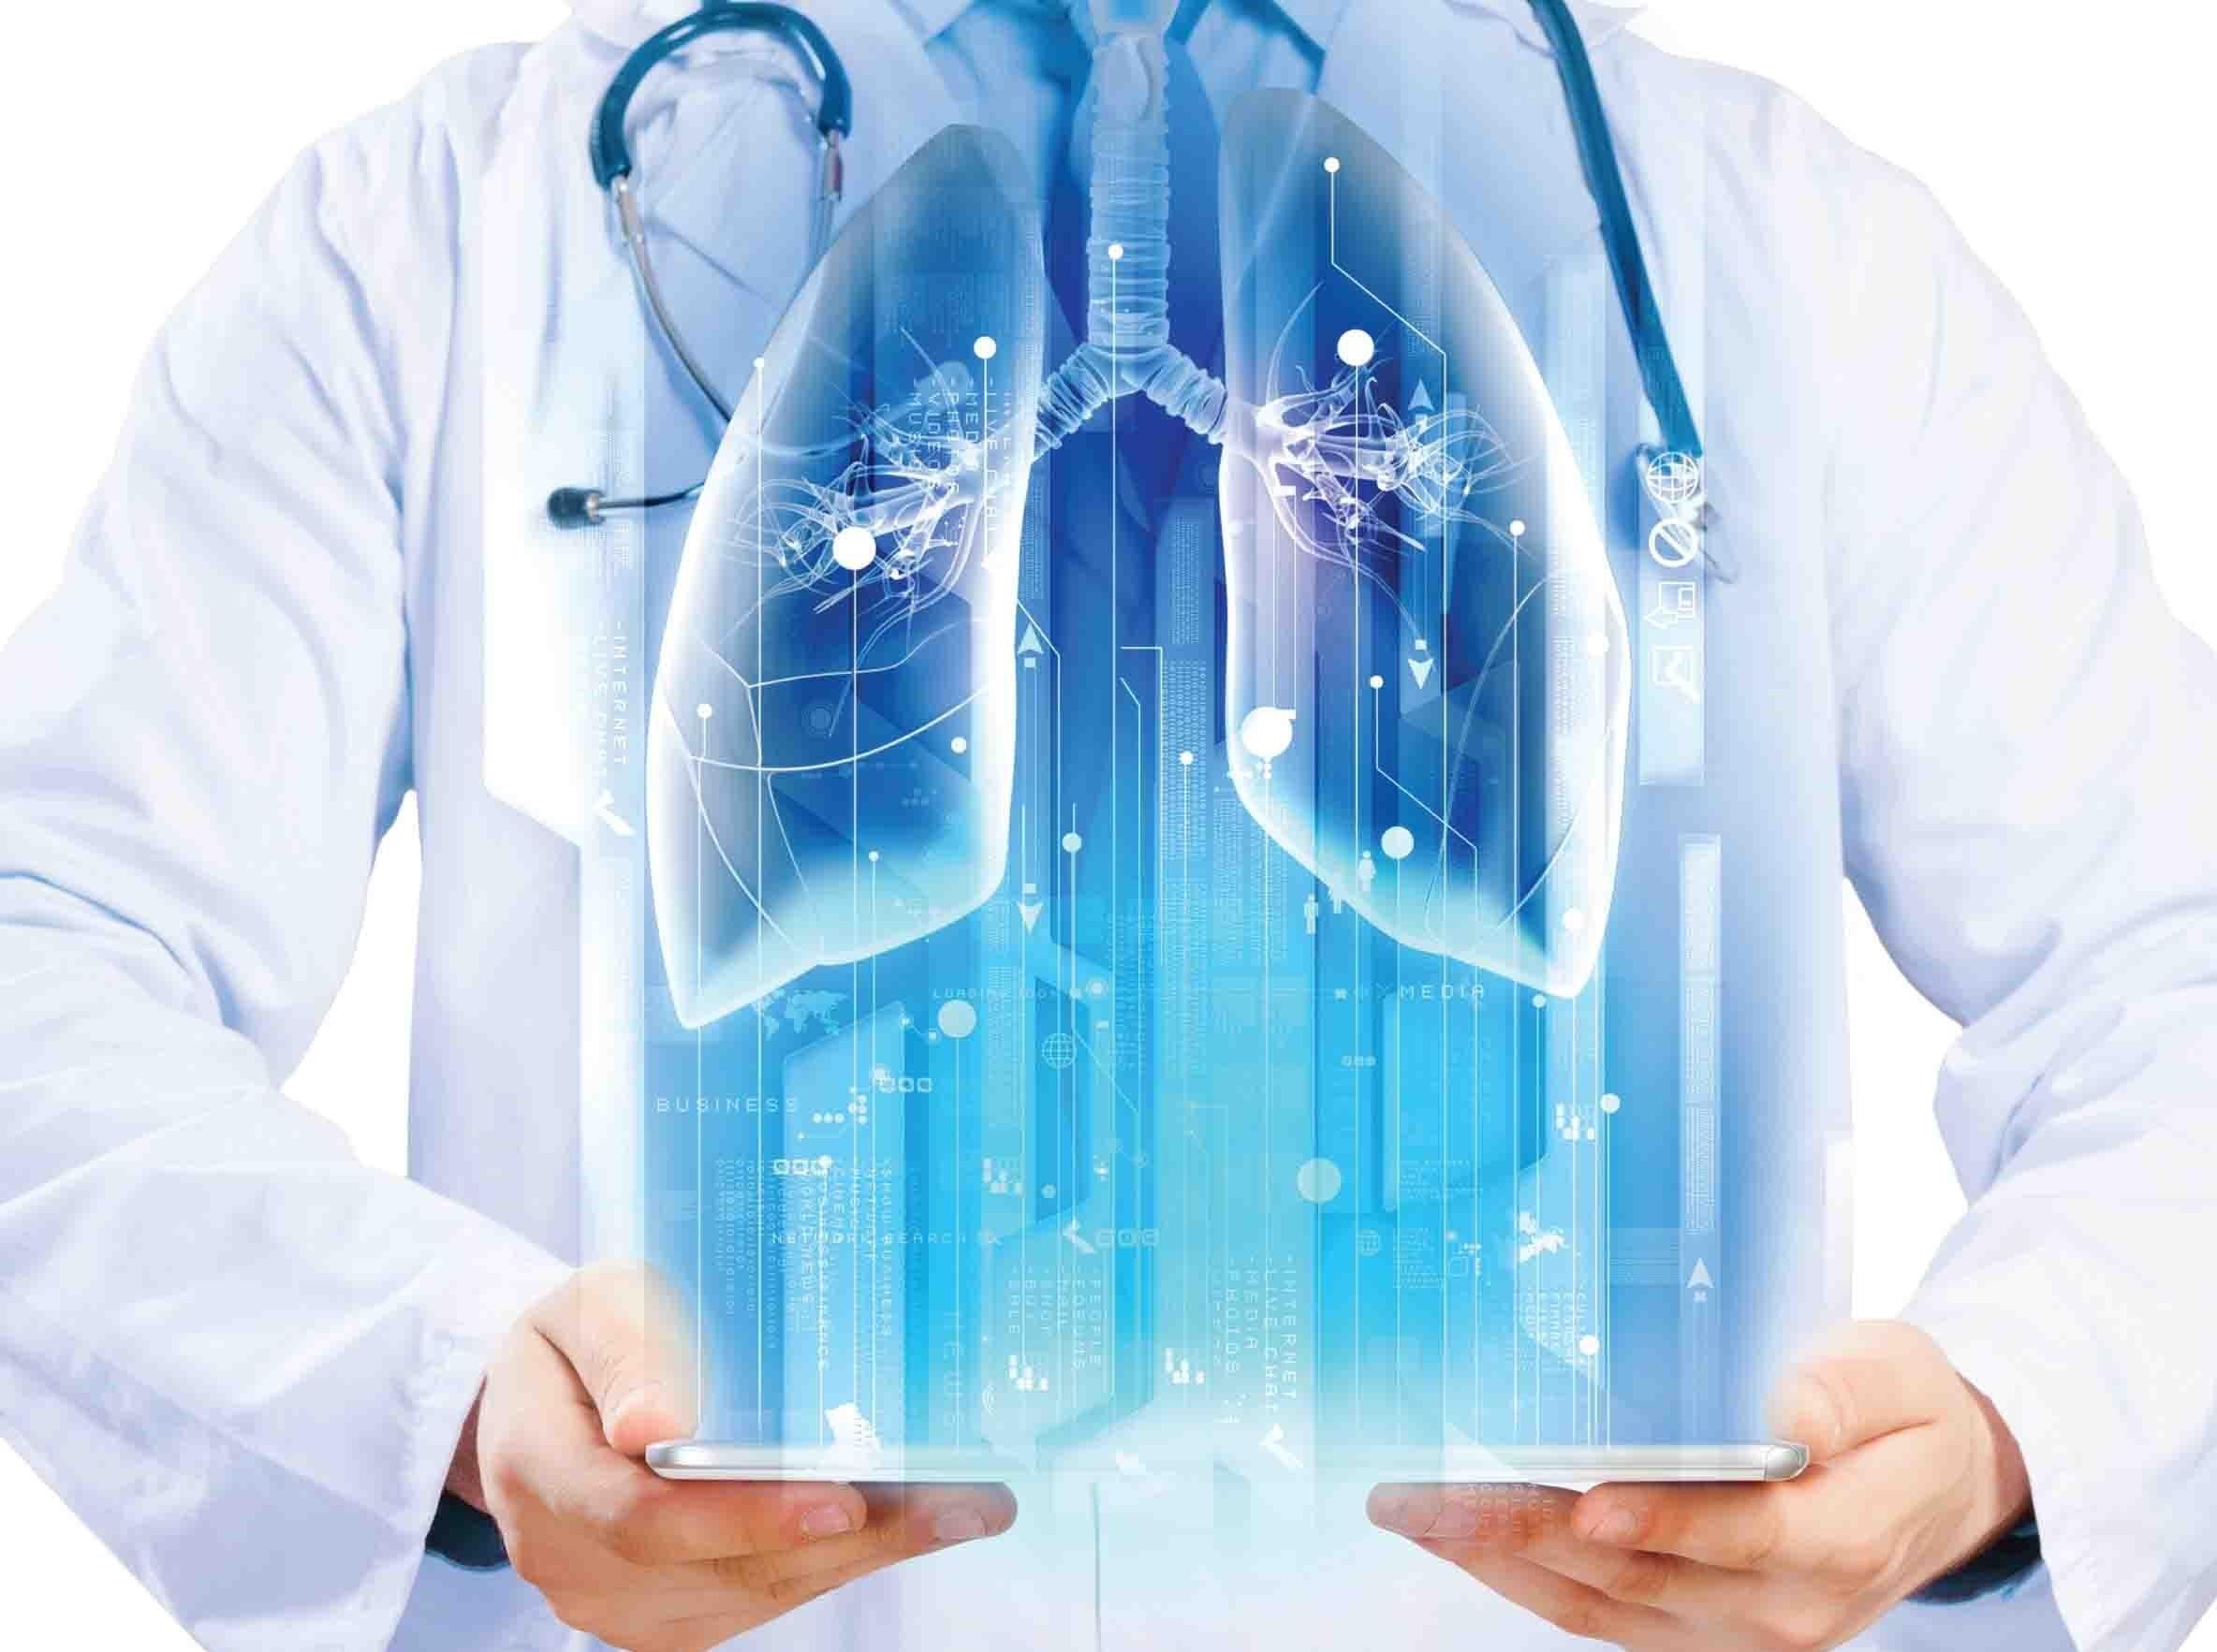 کرونا/ تاثیر فیزیوتراپی تنفسی بر عضلات تنفسی بیماران کرونایی